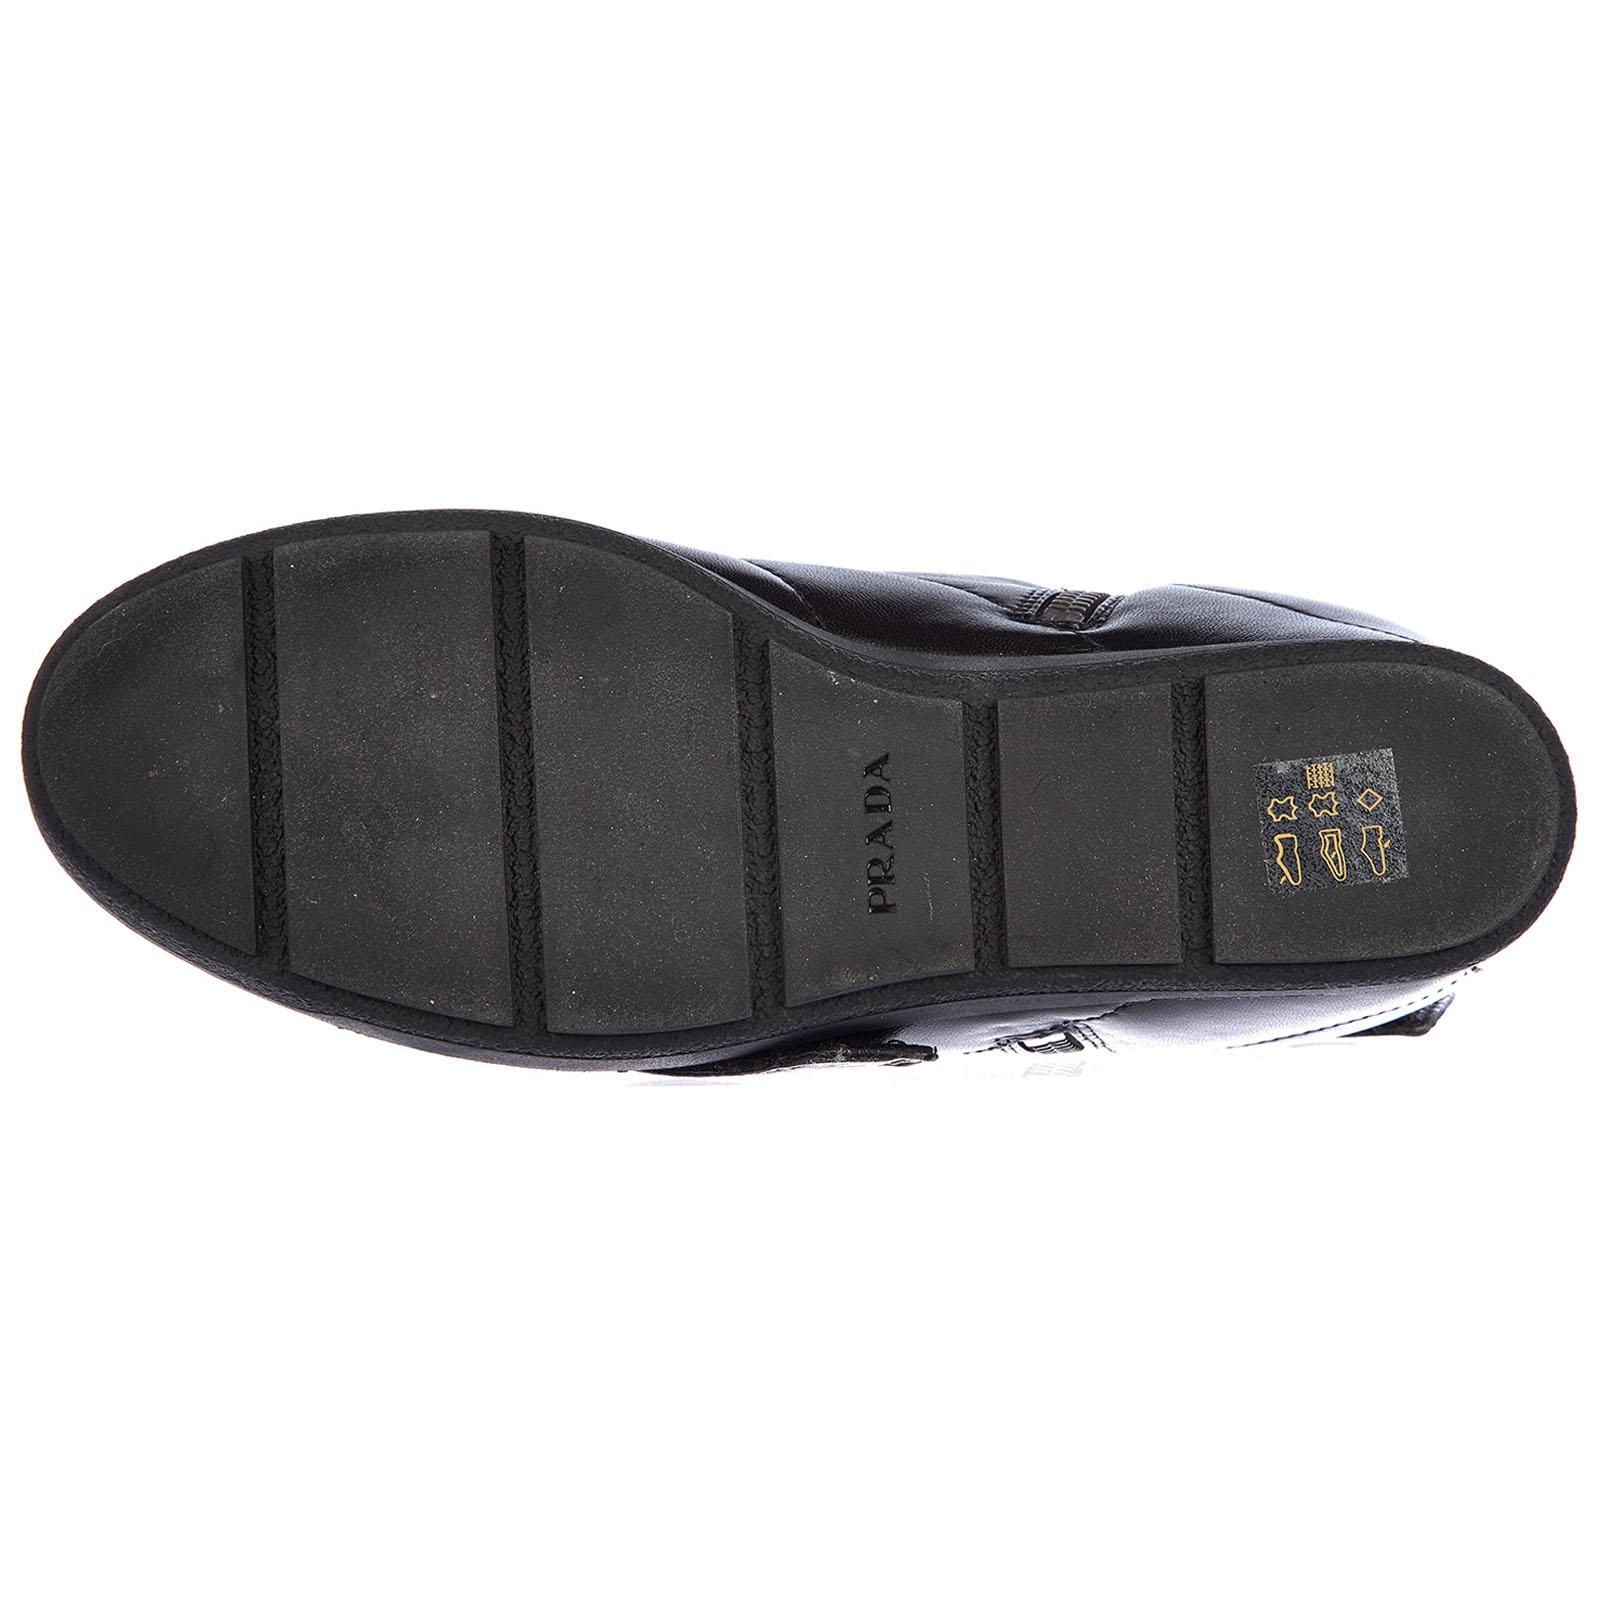 ... Scarpe sneakers alte donna in pelle nappa sport ... 23725b118f9